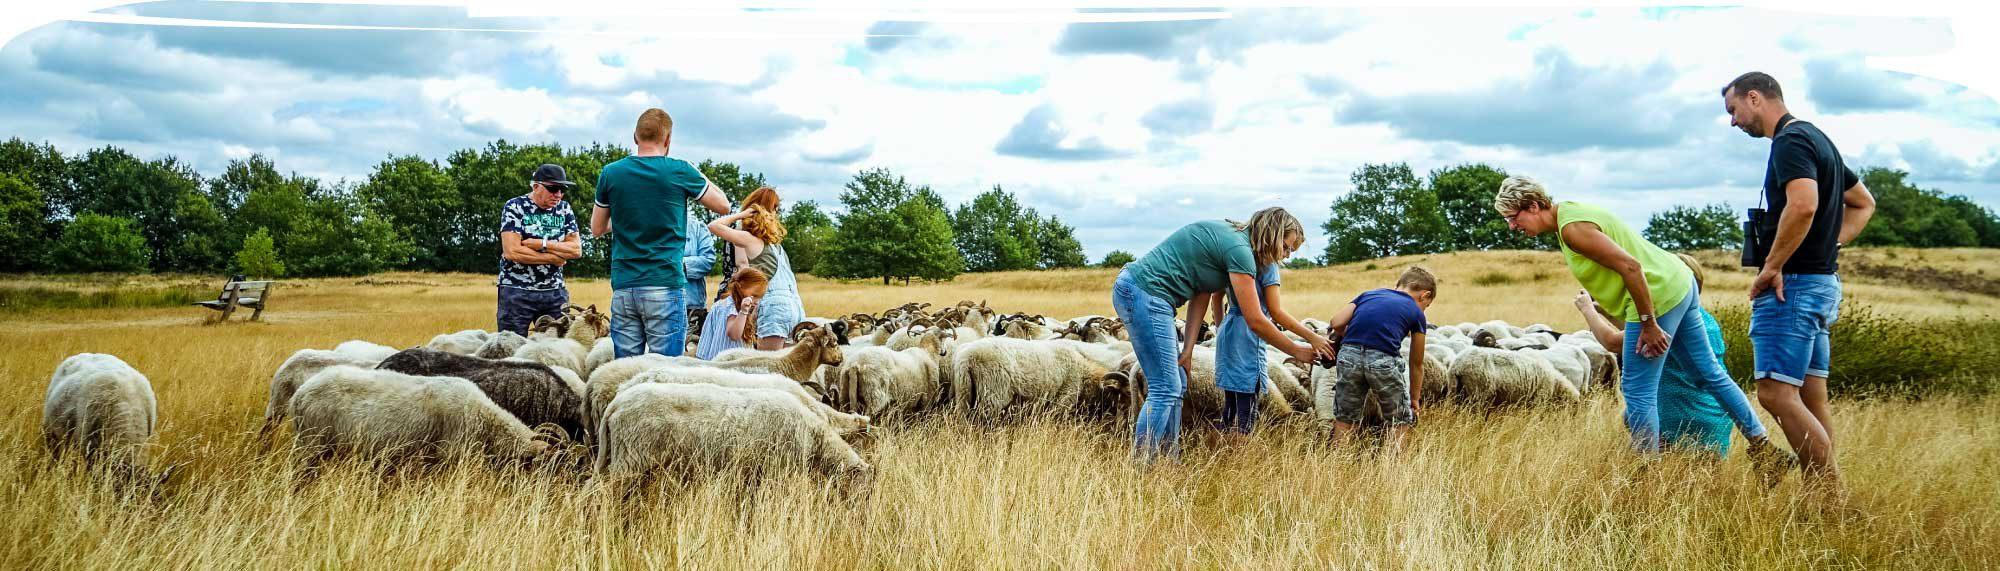 Wandelen met de schaapherder © Pamela Joyce Fotografie